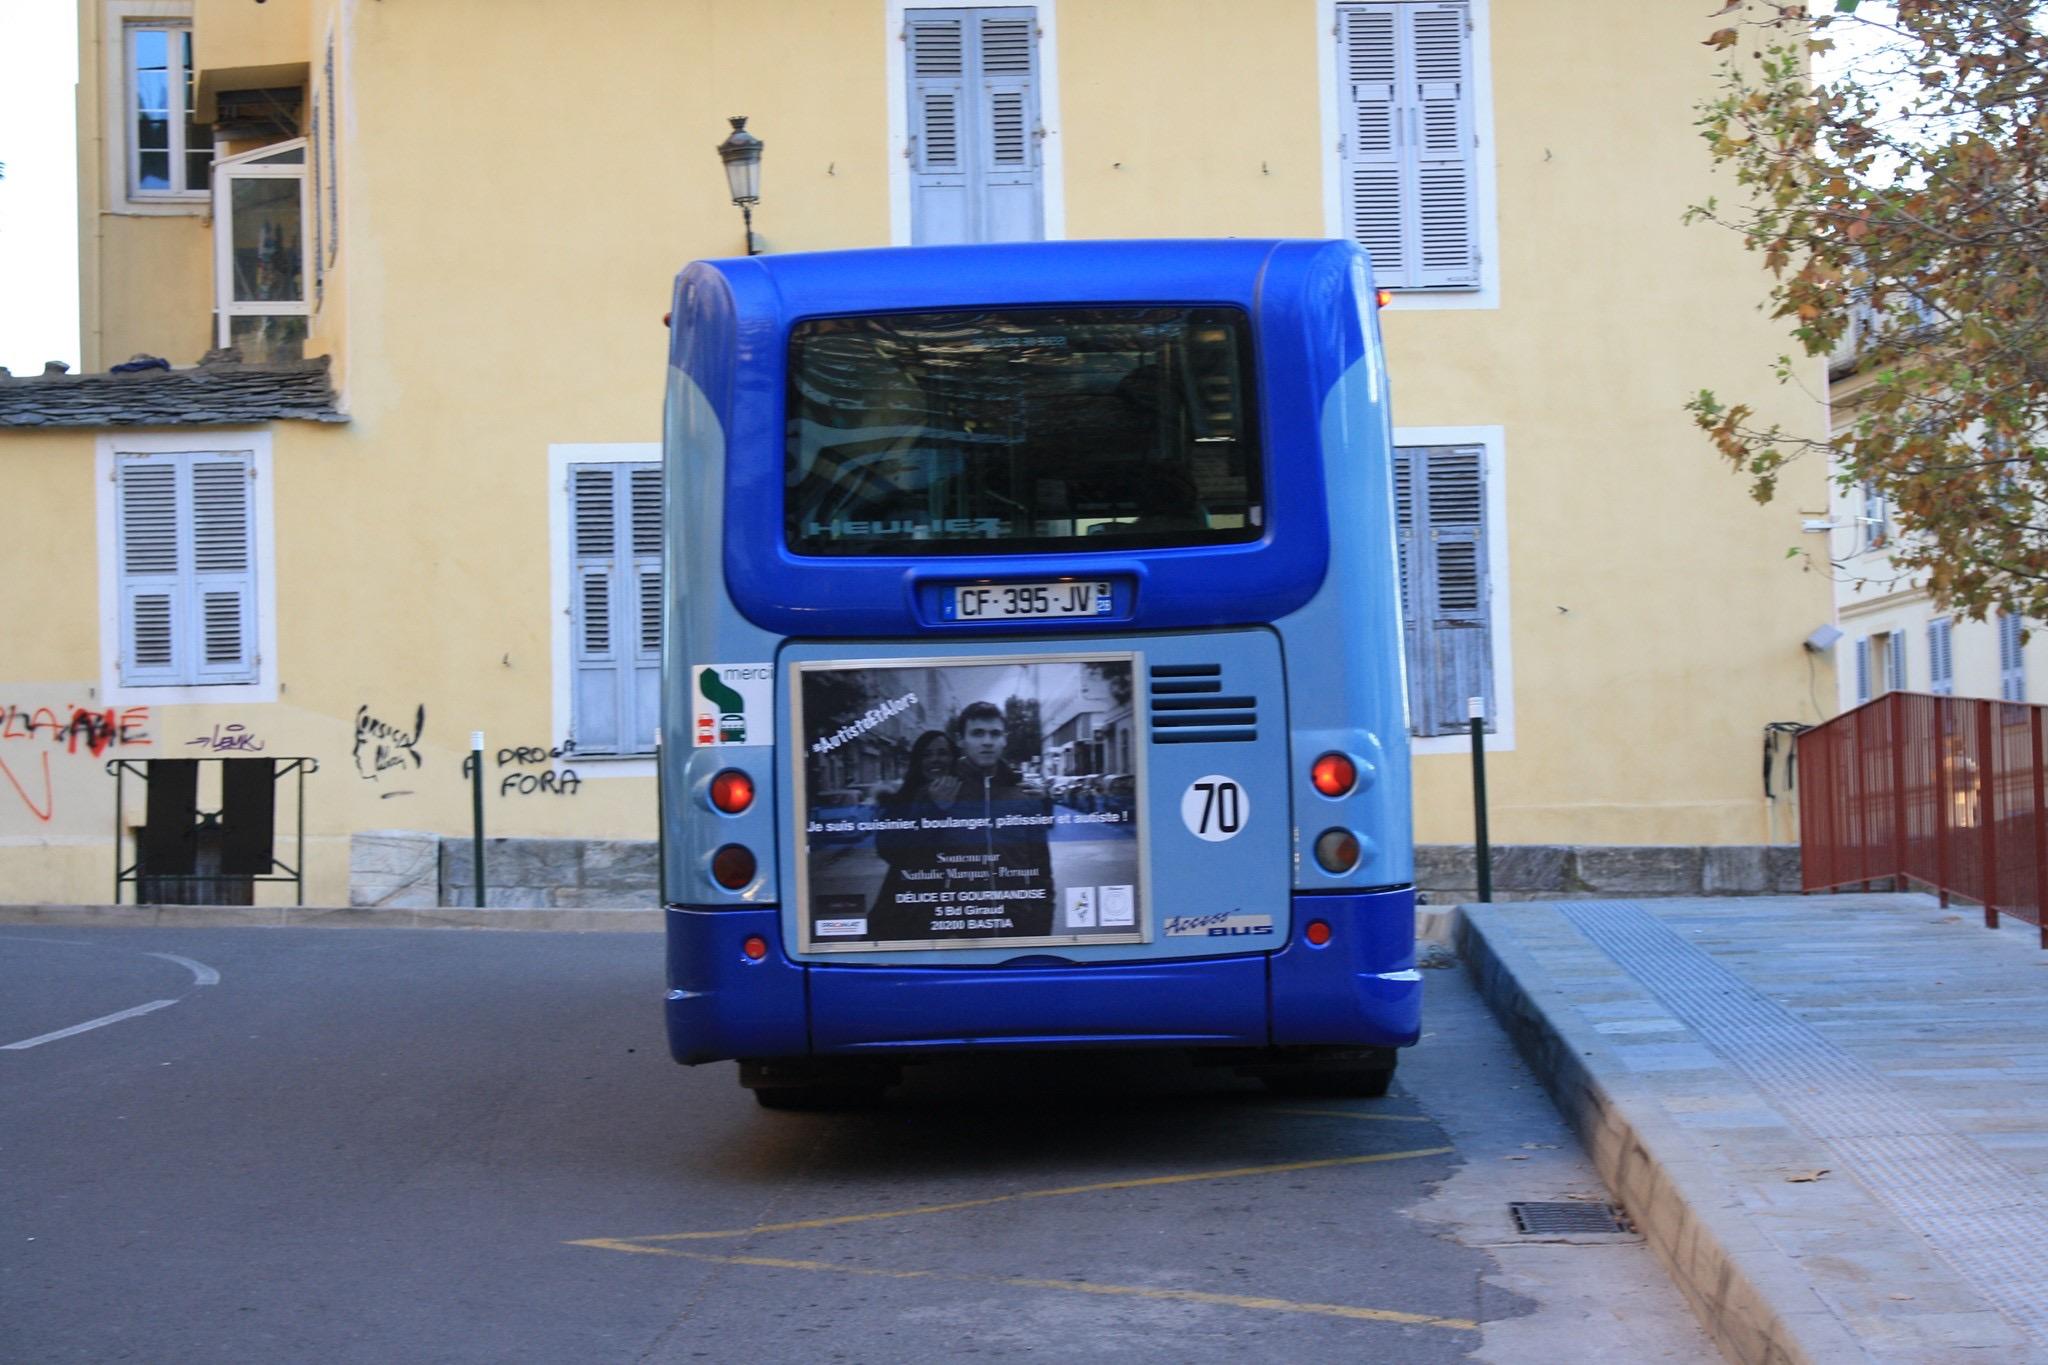 Campagne de sensibilisation à l'autisme sur les bus bastiais.